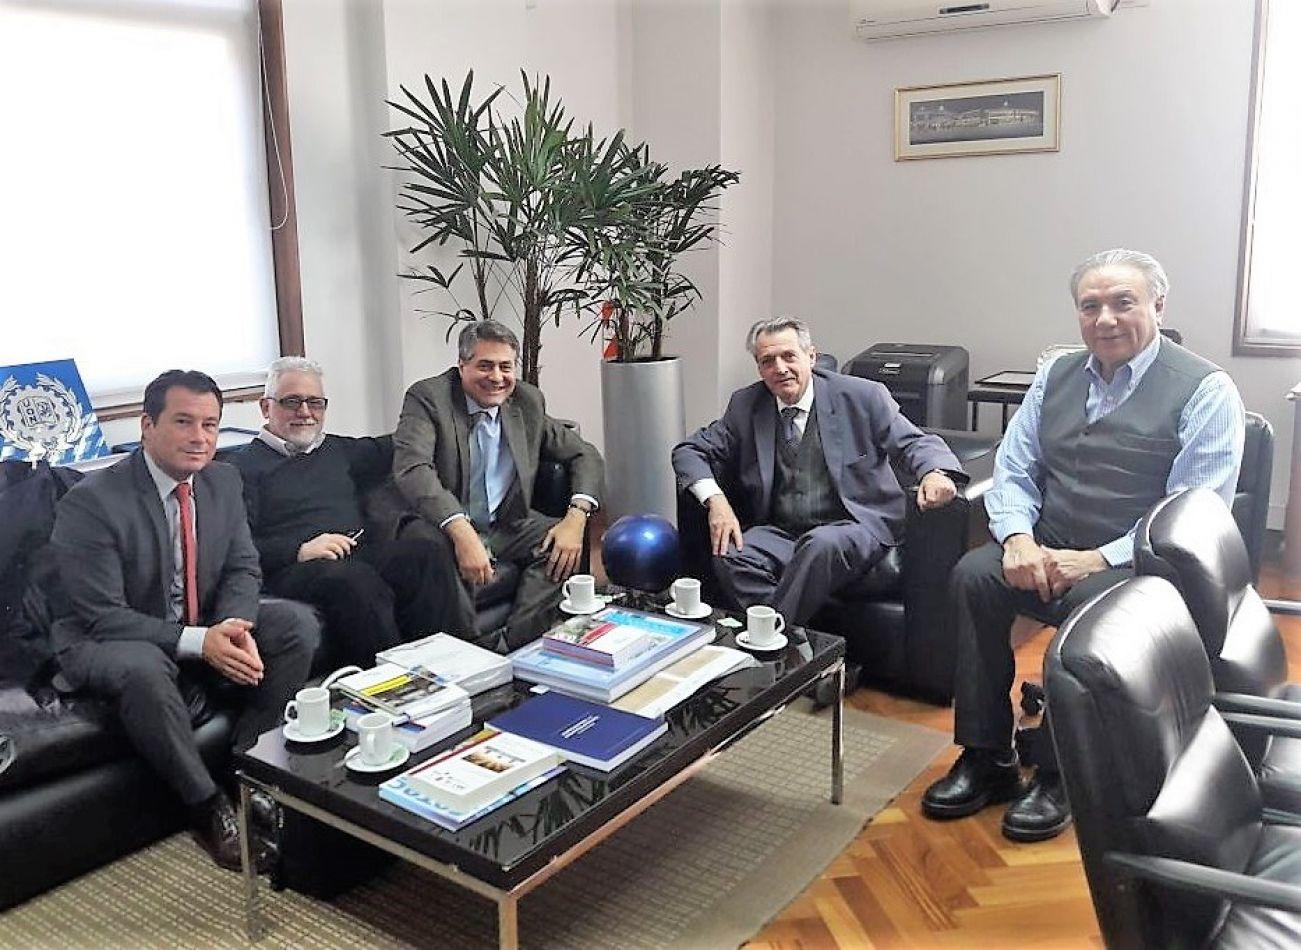 Lic. Javier De Maggi Protocolo de UCES, el Lic. José Fliguer Vicerrector UCES, el Rector UCES Dr. Gastón O'donnell, Rector UTN Ing. Héctor Aiassa y el